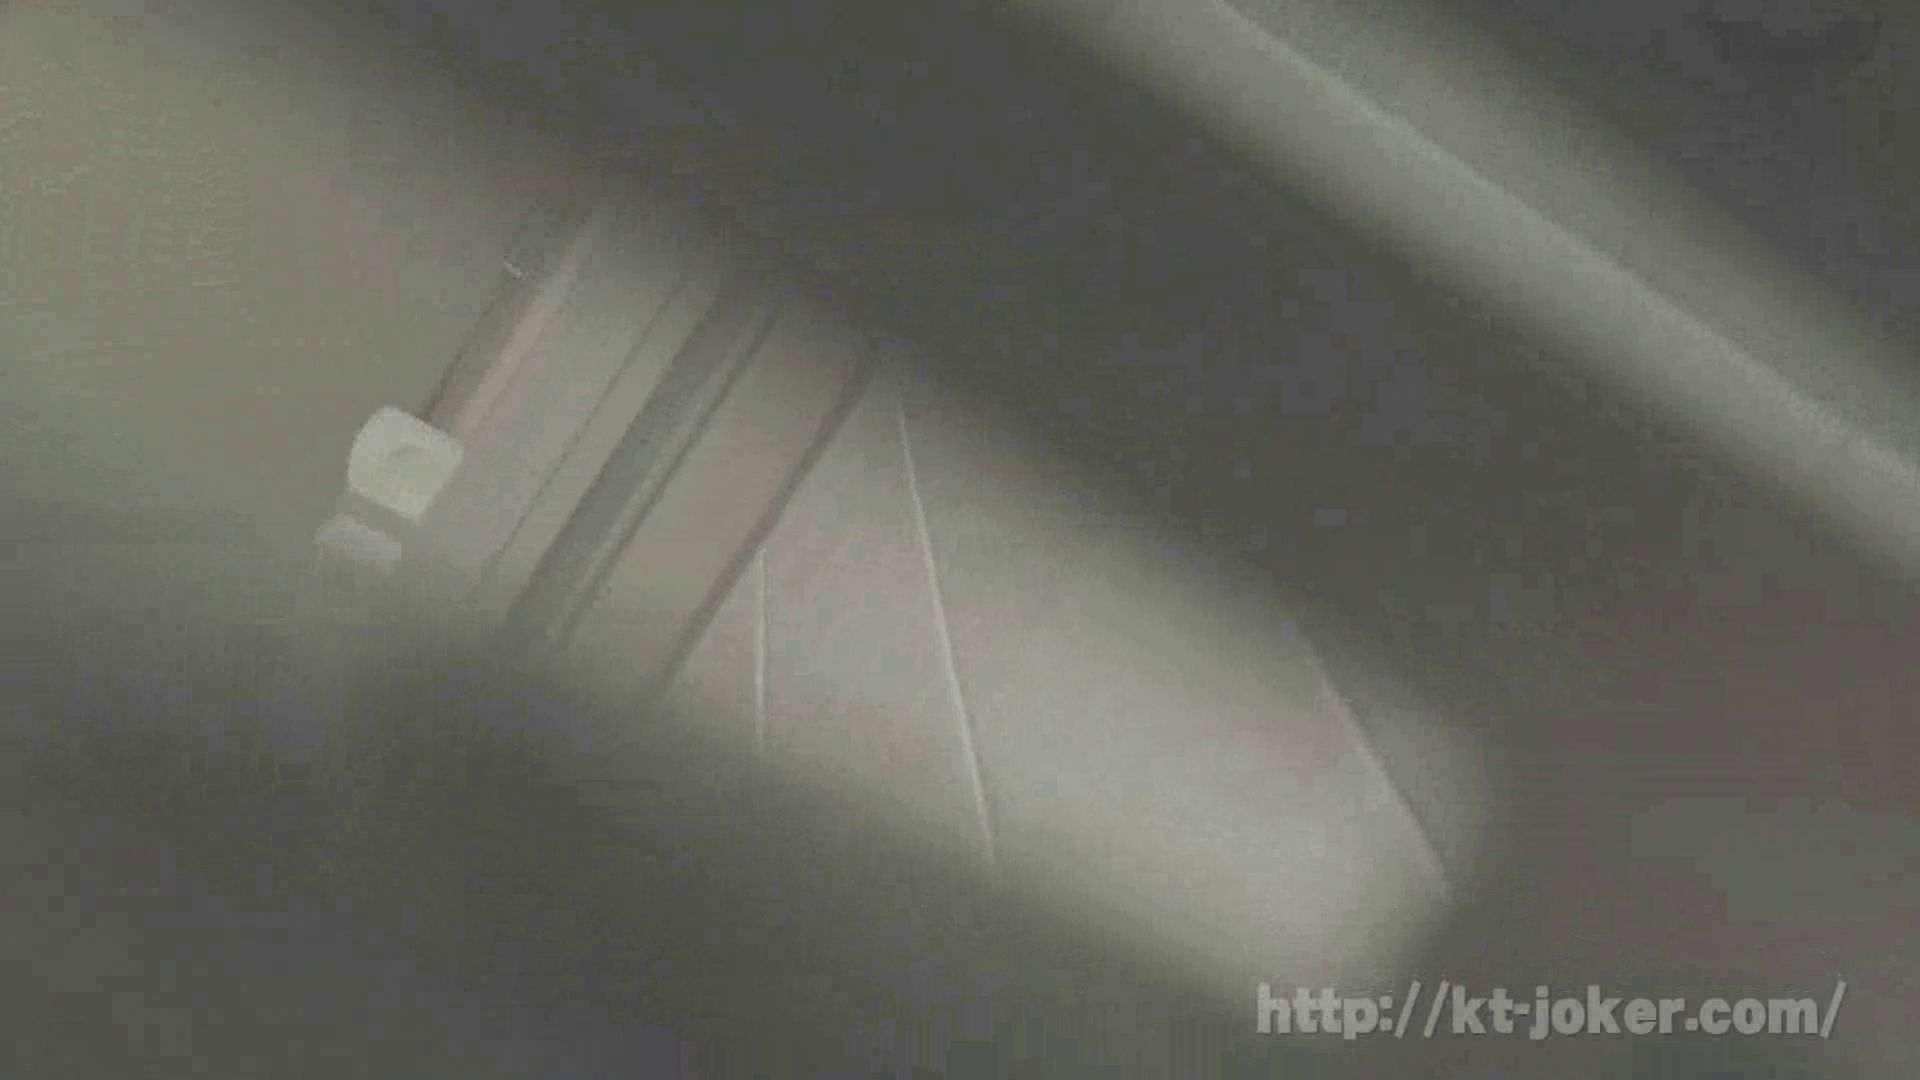 命がけ潜伏洗面所! vol.69 あのかわいい子がついフロント撮り実演 洗面所  83PIX 9